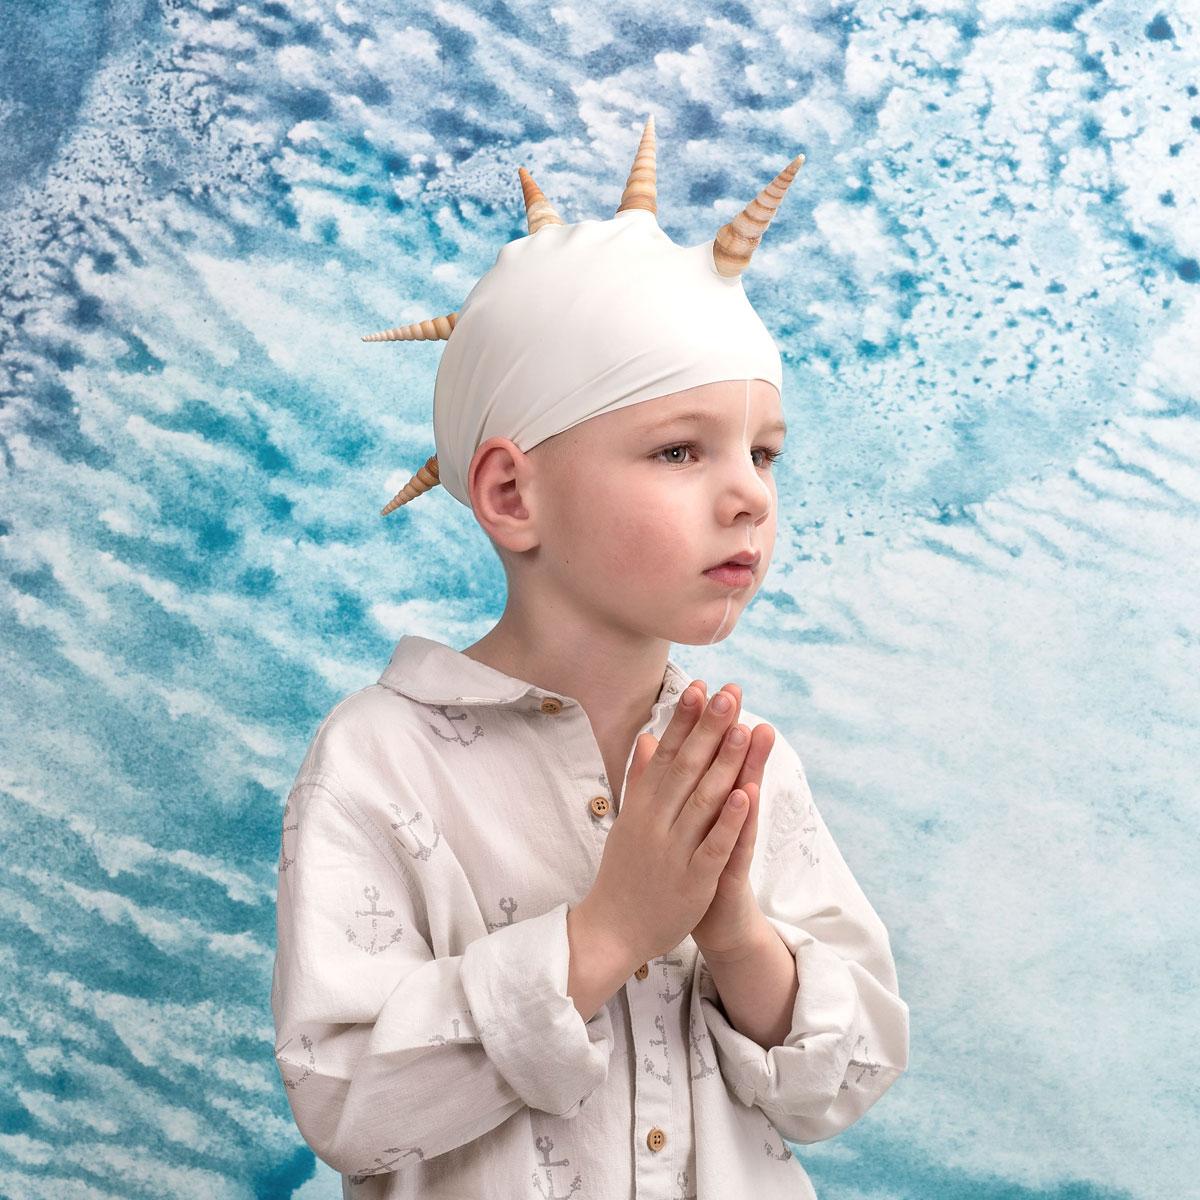 foto van jongetje metr badmuts op met hanenkammen van schelpen zijn handen voor zijn borst gevouwen als namaste met achtergrond van een witte schuimende zee